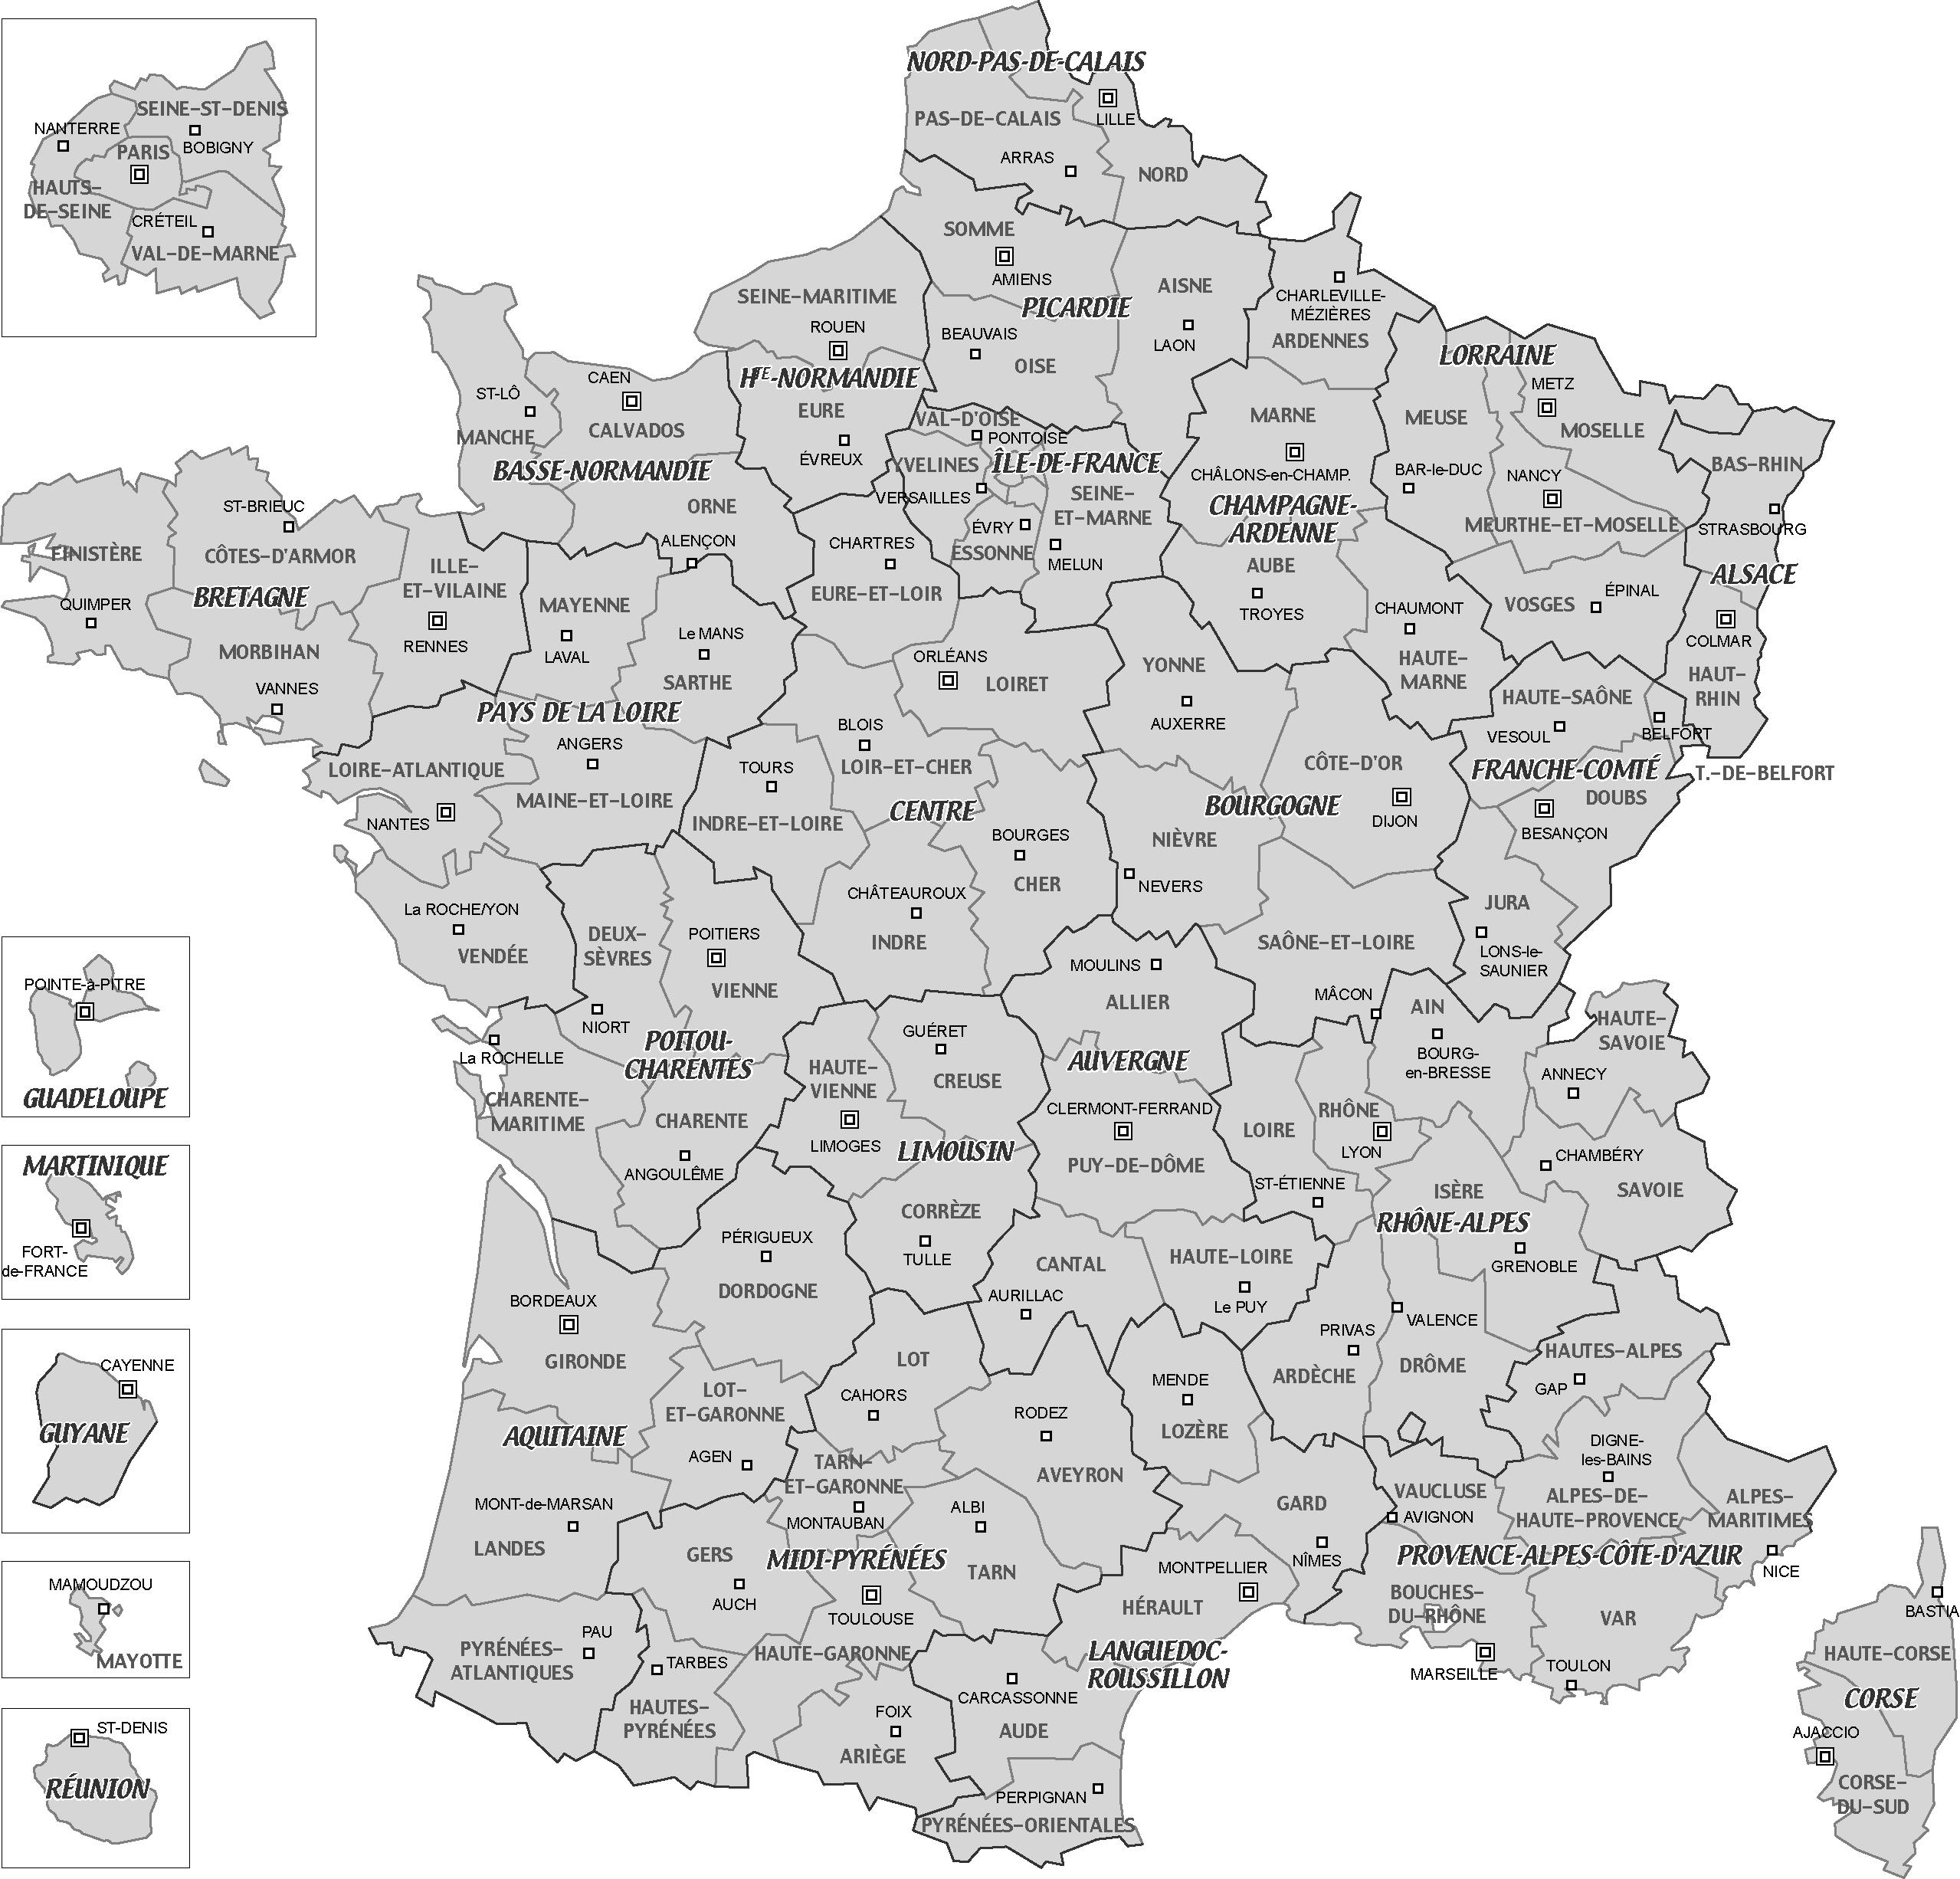 Cartes De France, Cartes Et Rmations Des Régions tout Carte Departement Numero